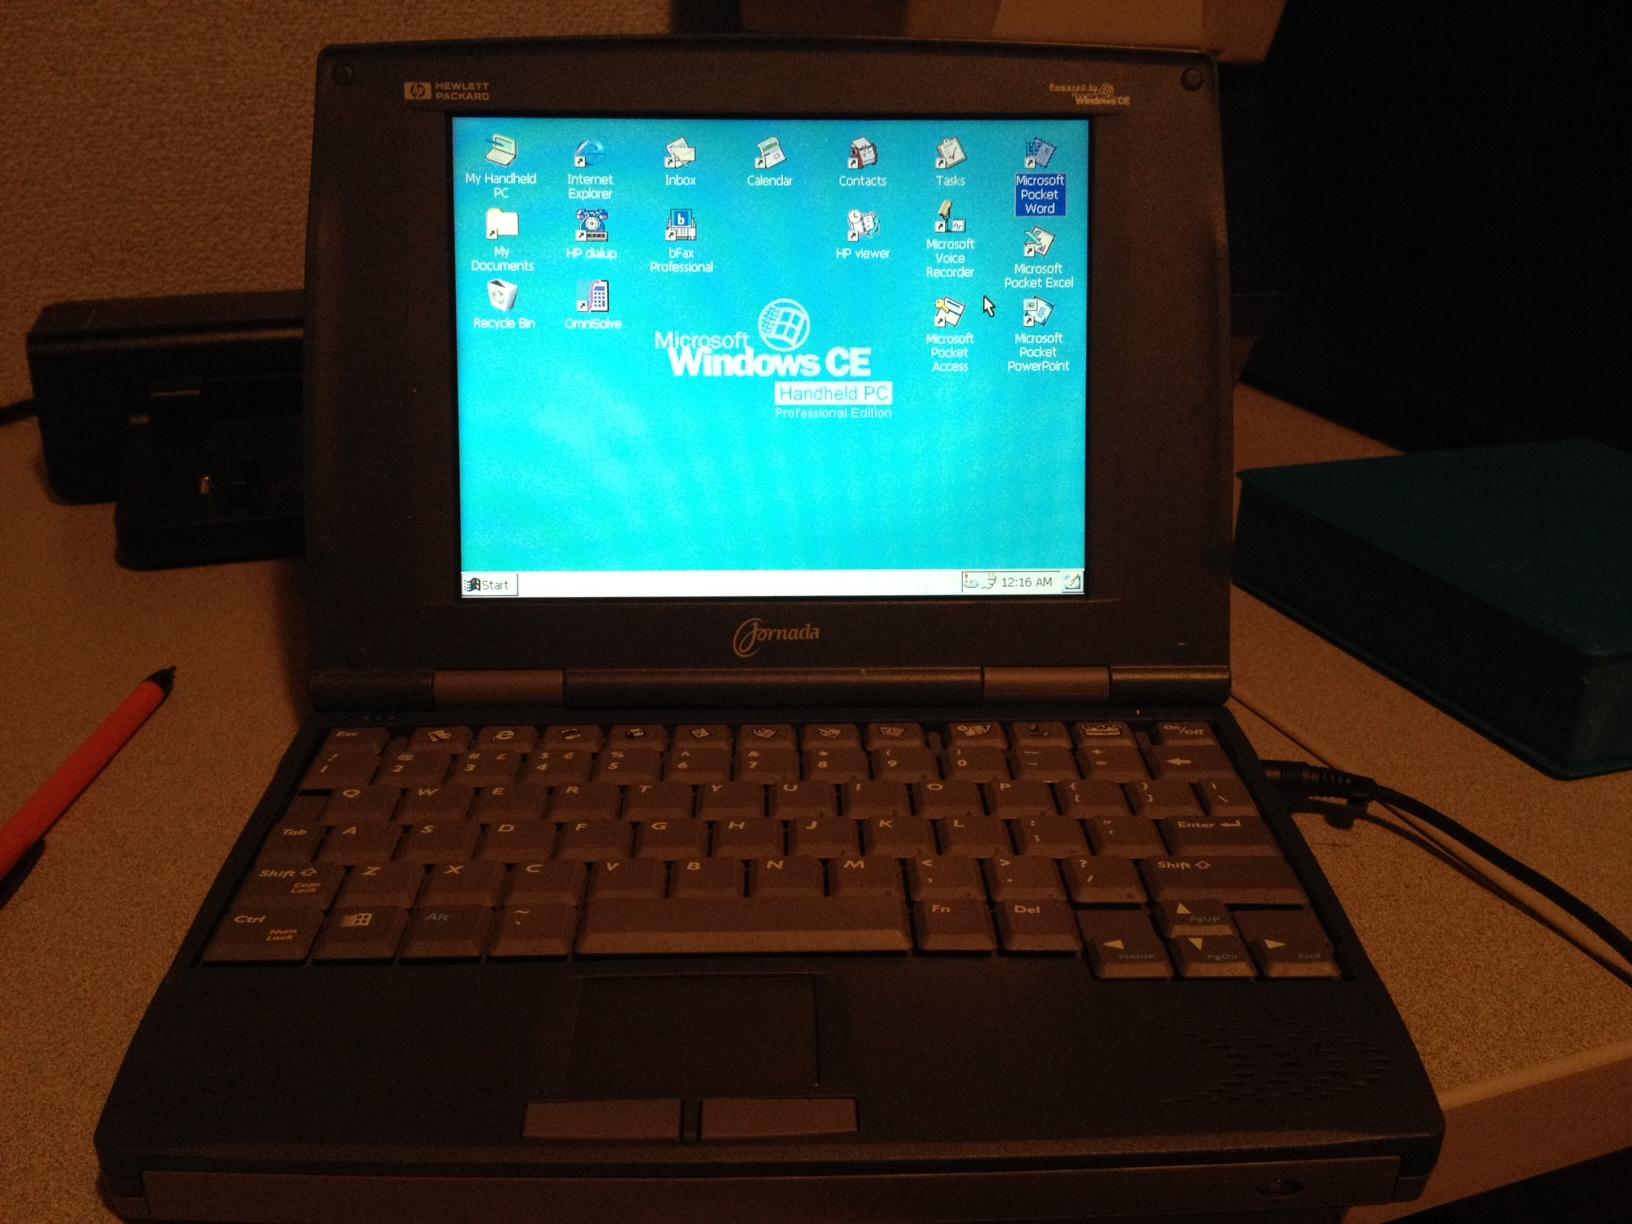 HP Jornada 820